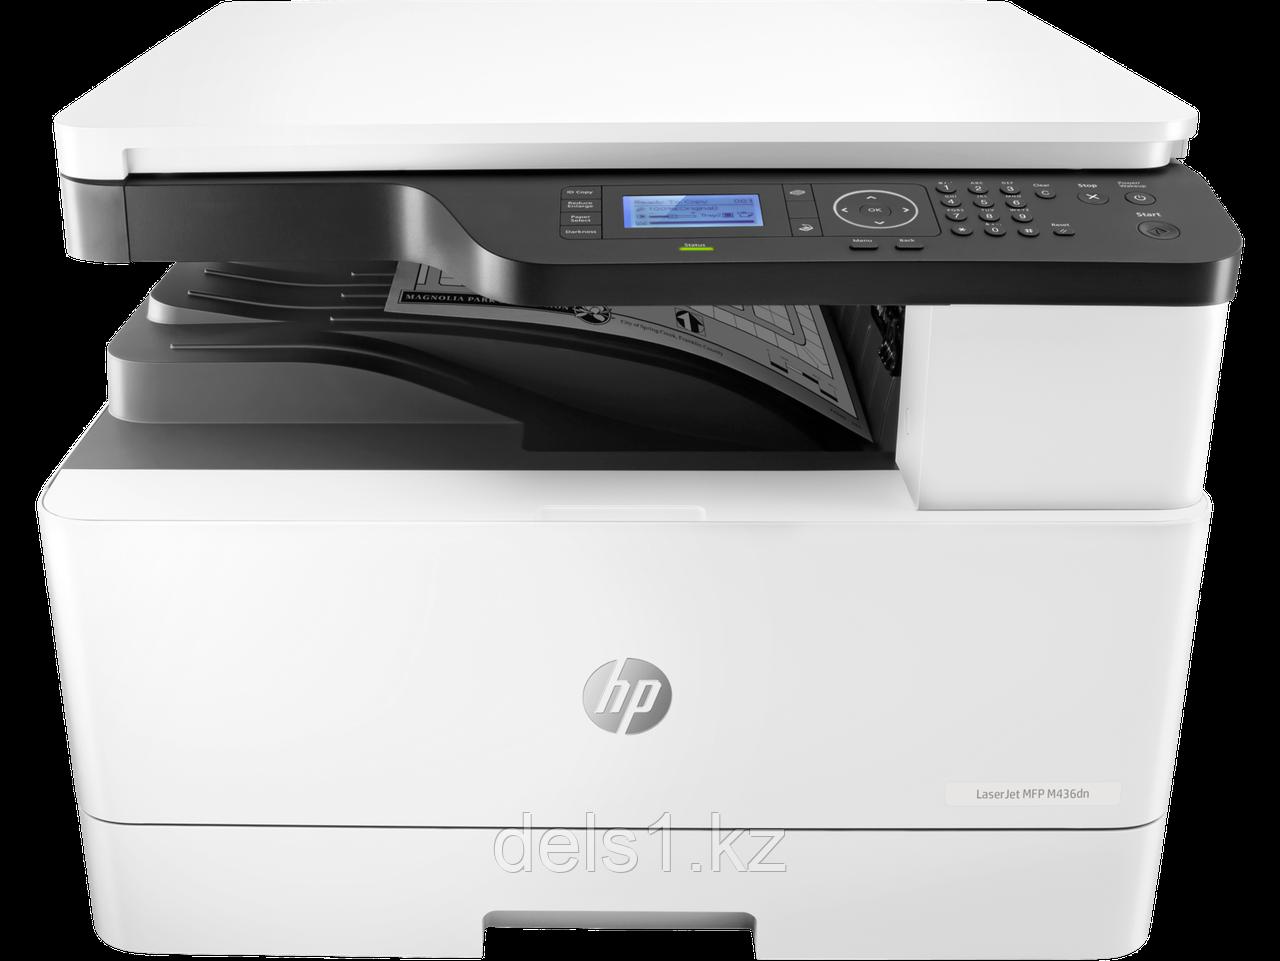 Черно-белое МФУ А3 HP LaserJet M436dn